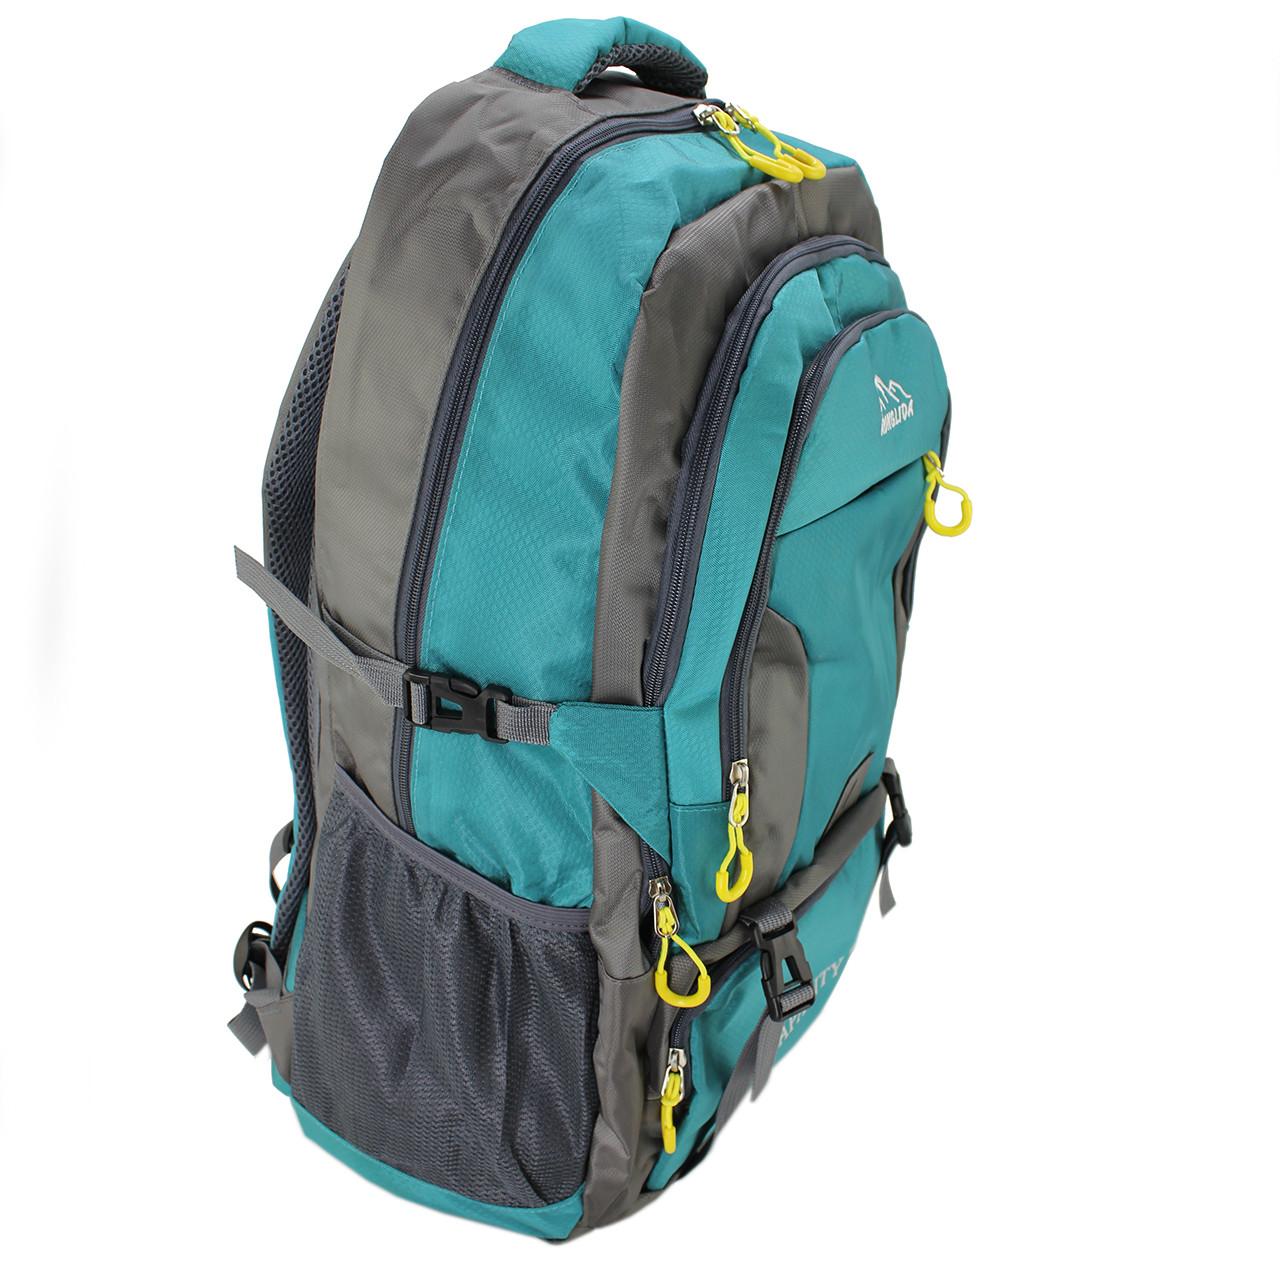 Рюкзак туристичний, похідний Ronglida, текстиль, 70 л